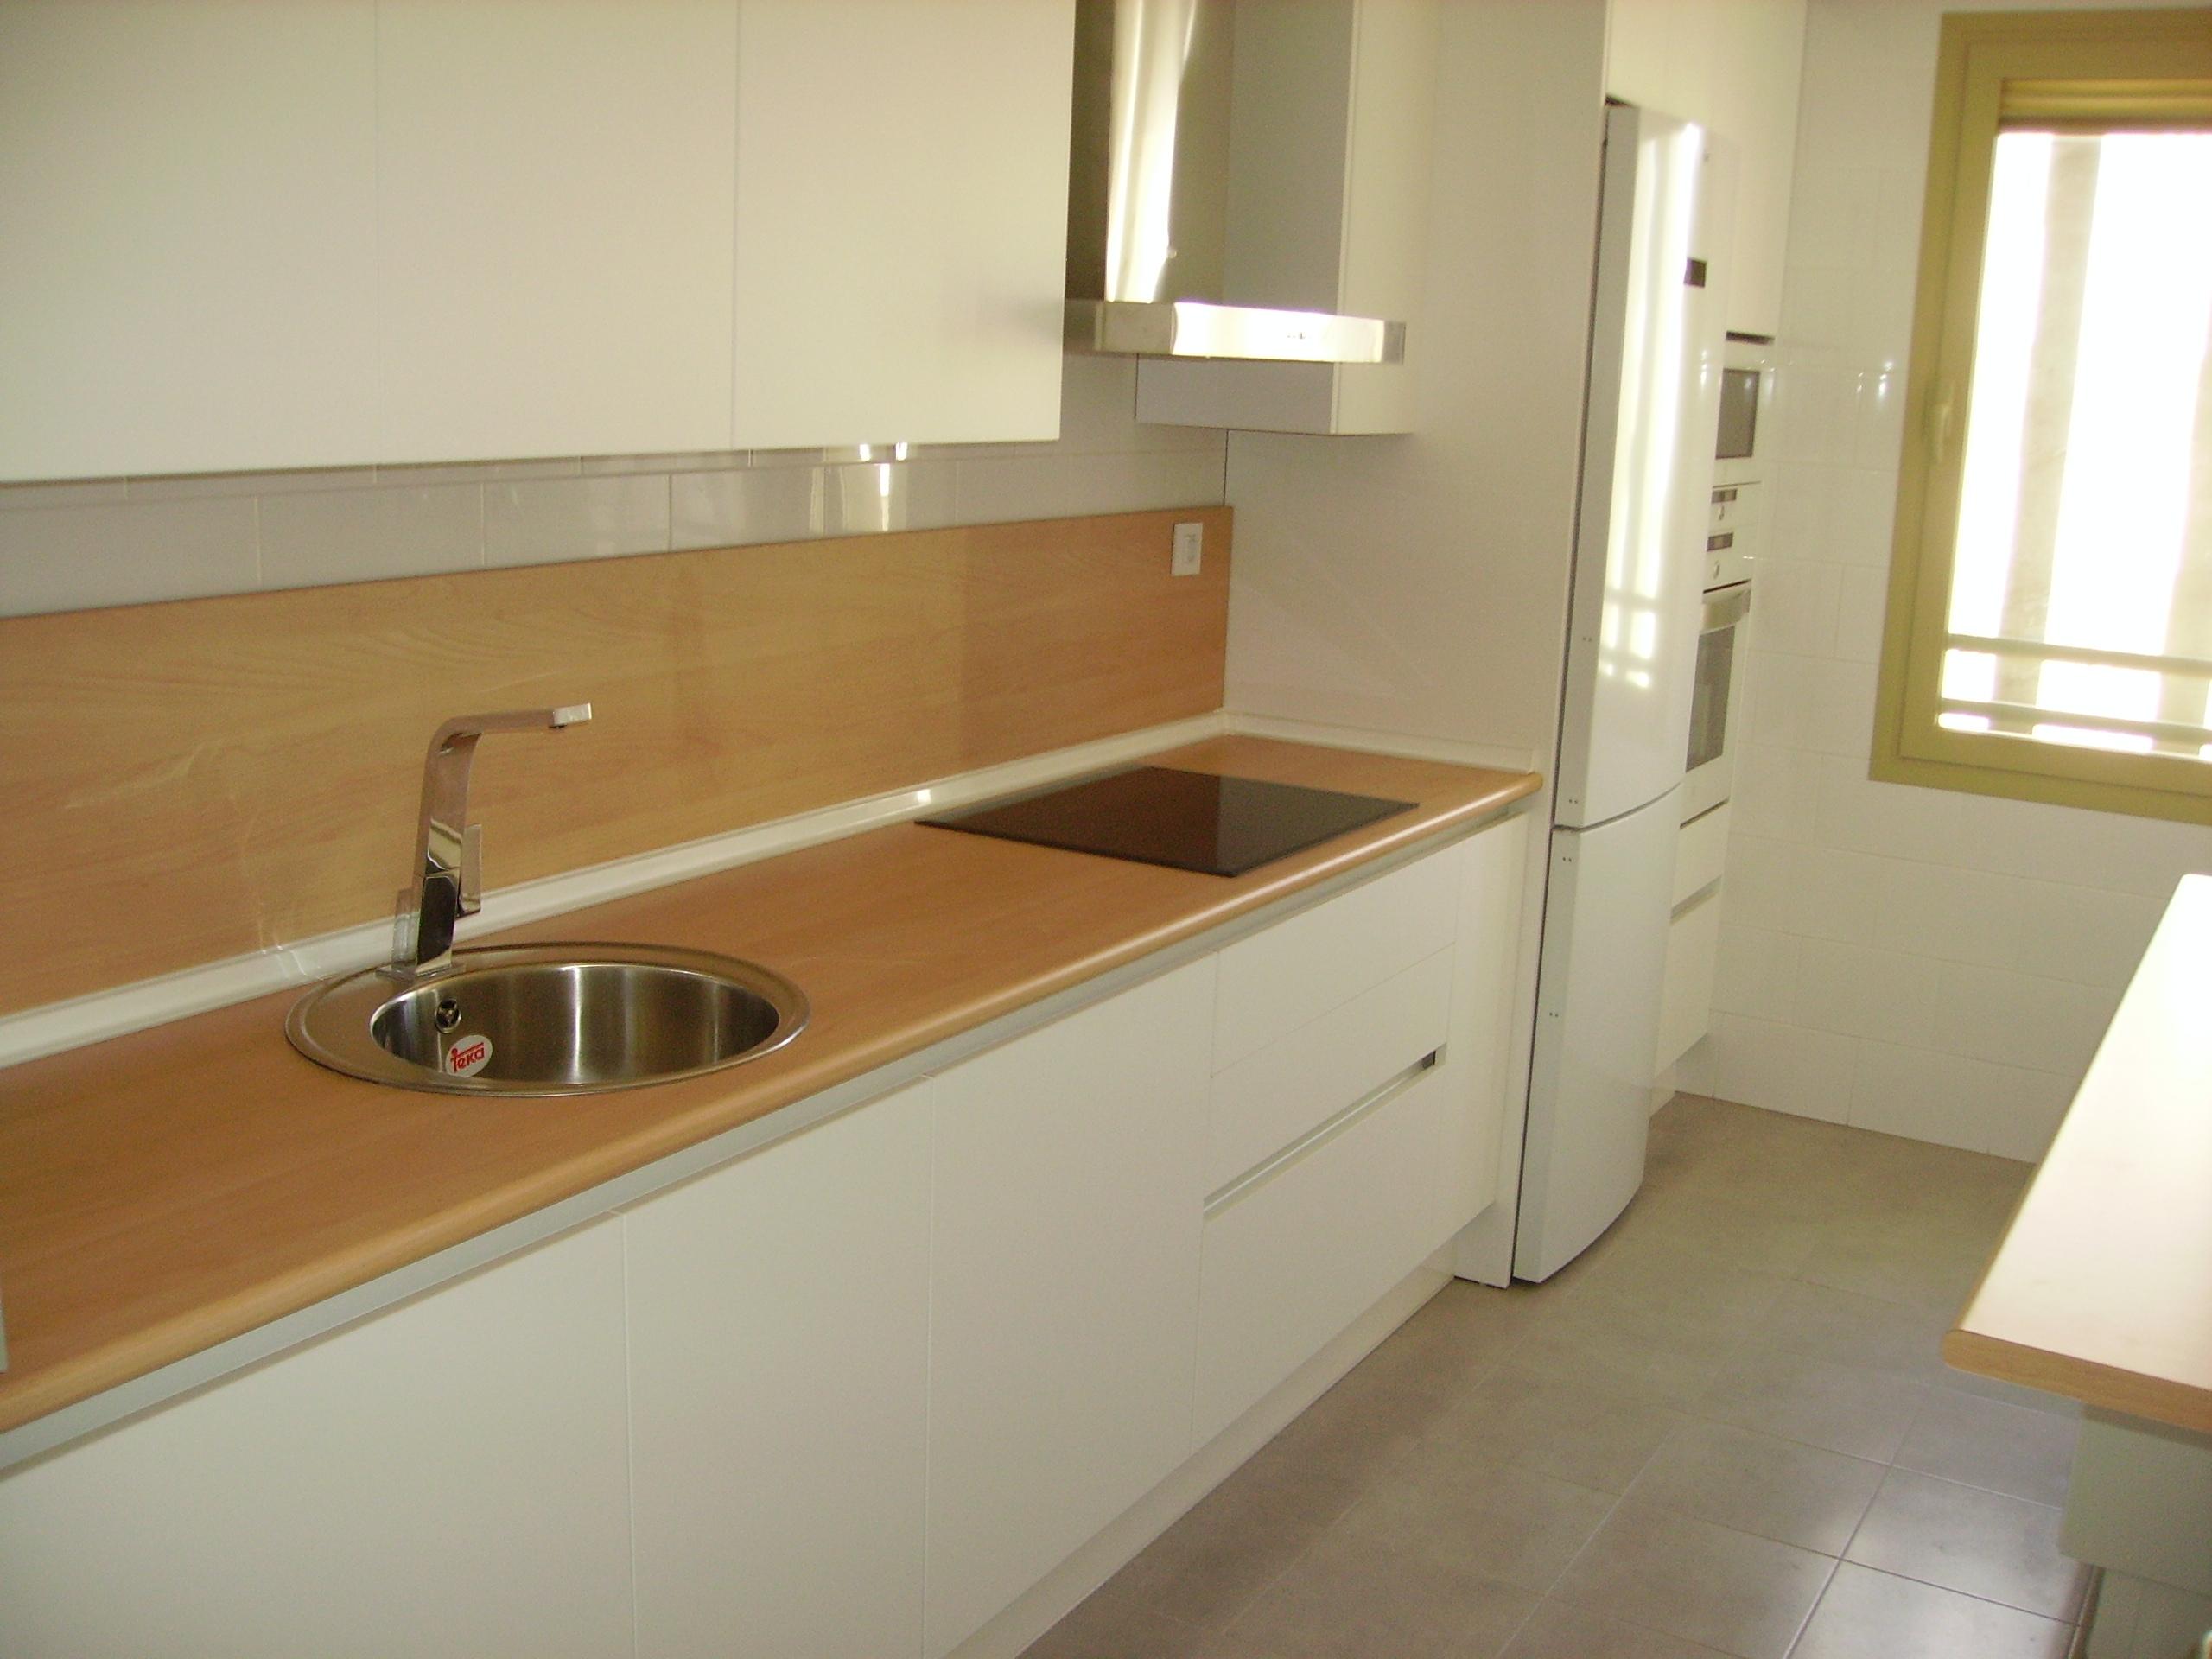 Nuestras cocinas selecci n cocinas tienda de cocinas for Encimeras de cocina formica precios